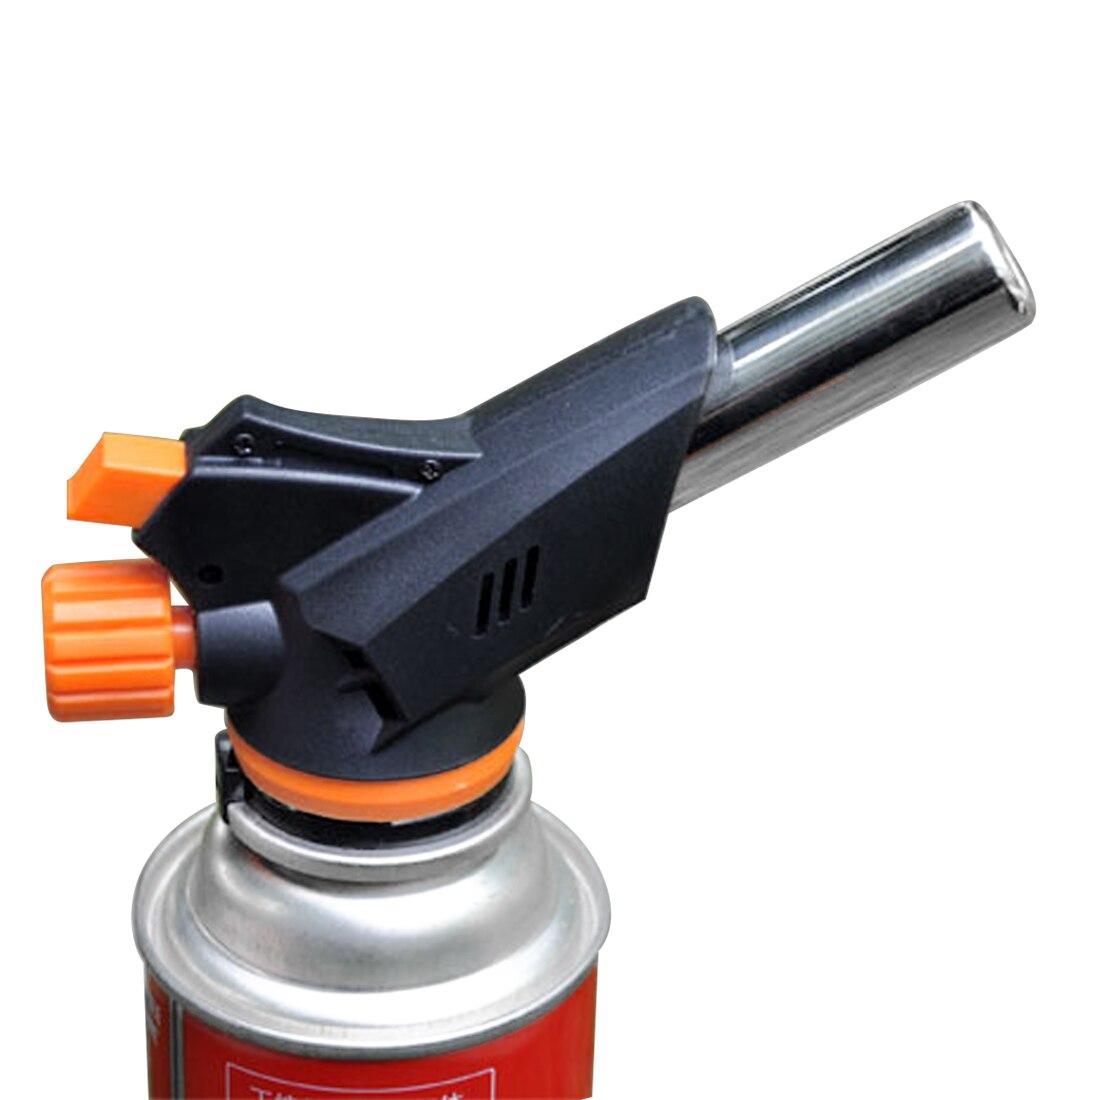 Radient Gas Torch Flammenwerfer Automatische Multifunktionale Piezo Lgnition Spritzpistole Camping Schweiß Bbq Reise Flamme Gun 509c Moderater Preis Schweißbrenner